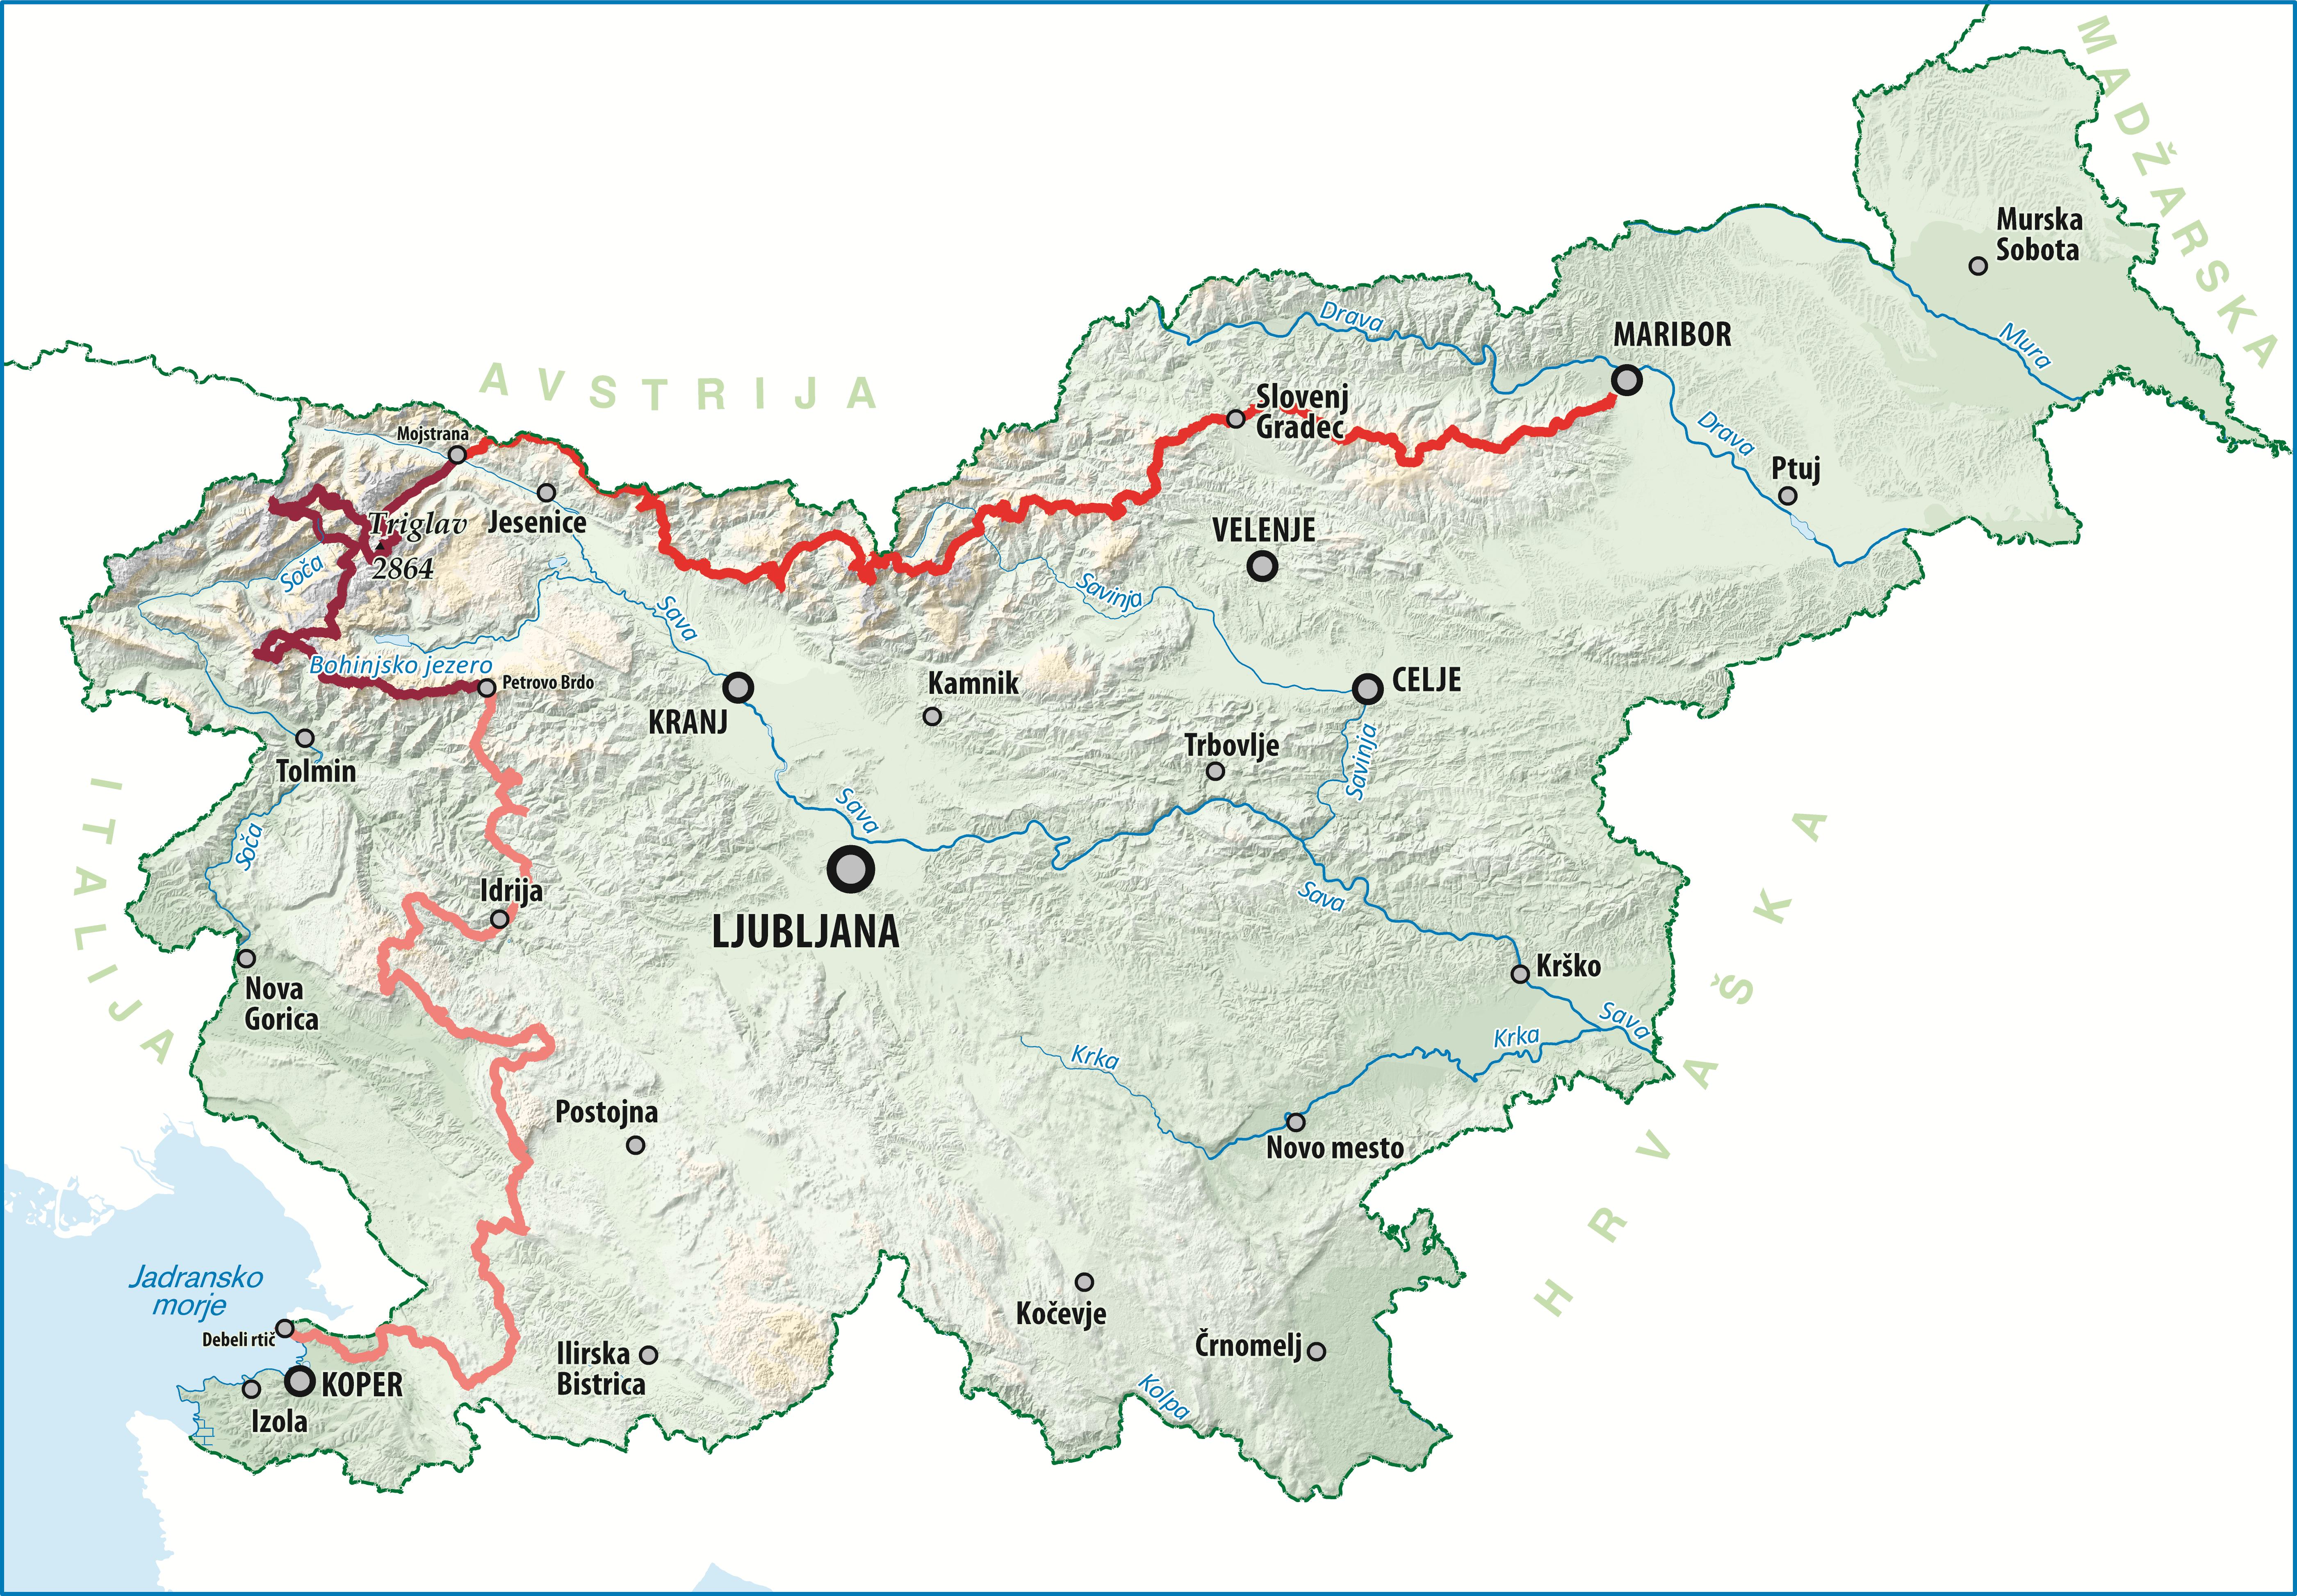 Slovenija_vris_poti_v_zemljevid__1_